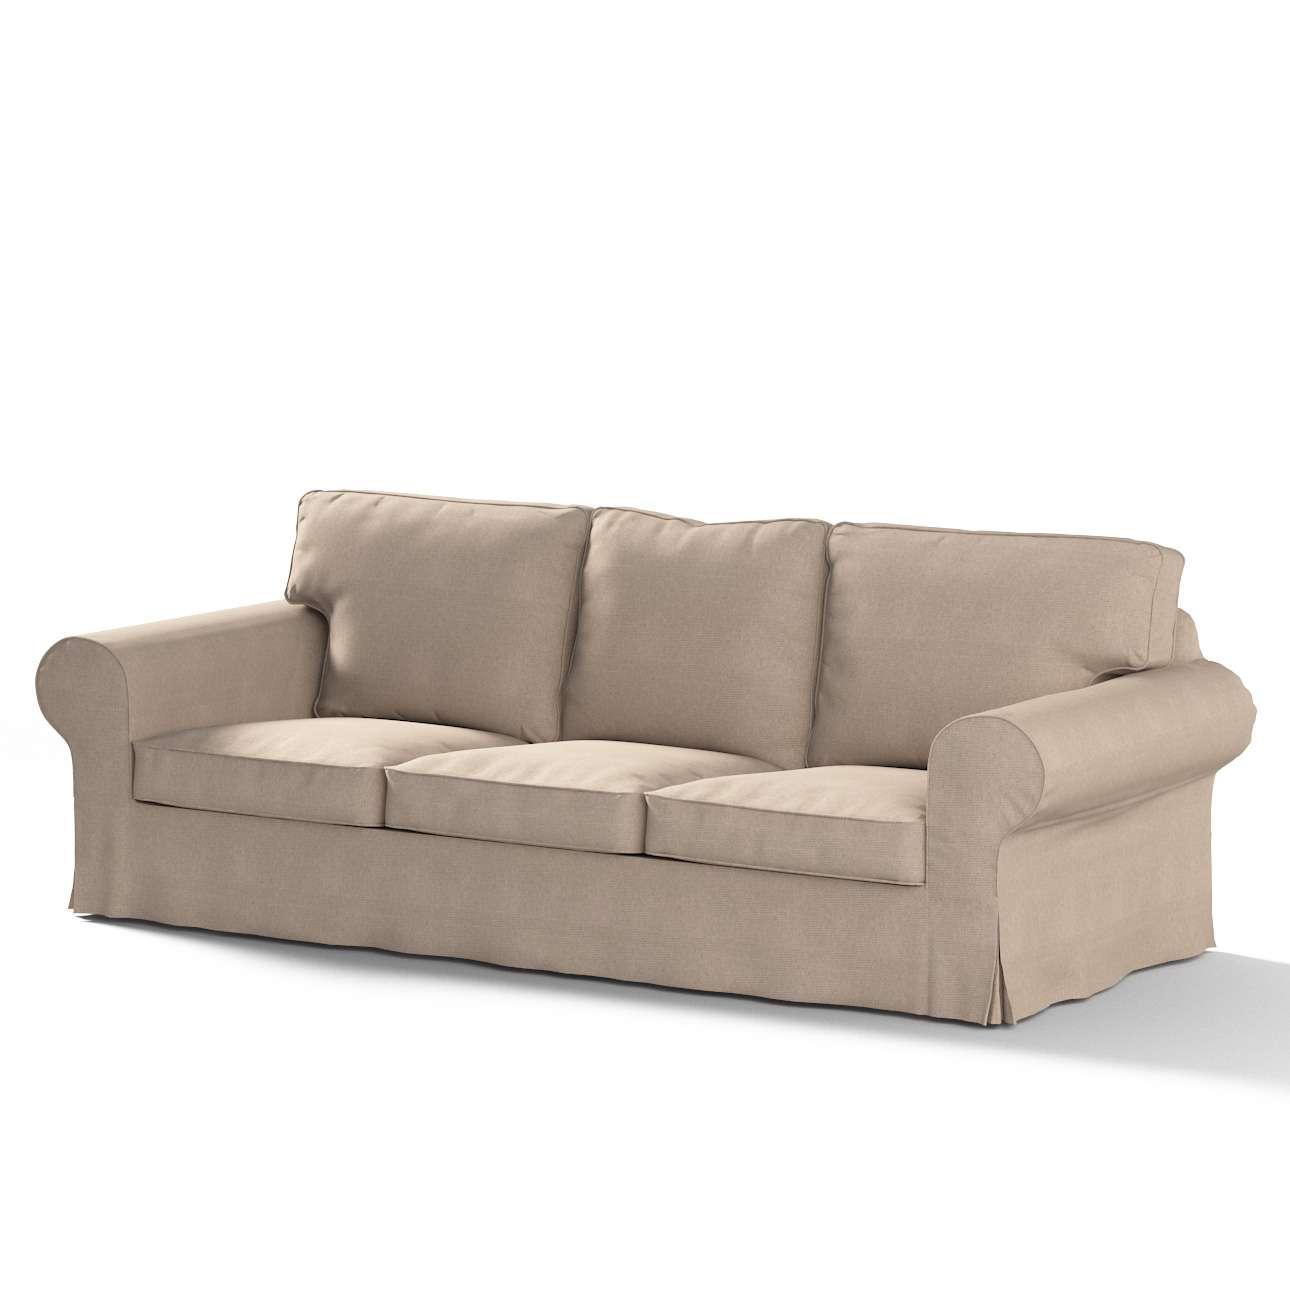 Pokrowiec na sofę Ektorp 3-osobową, rozkładaną STARY MODEL Sofa Ektorp 3-osobowa rozkładana w kolekcji Etna , tkanina: 705-09